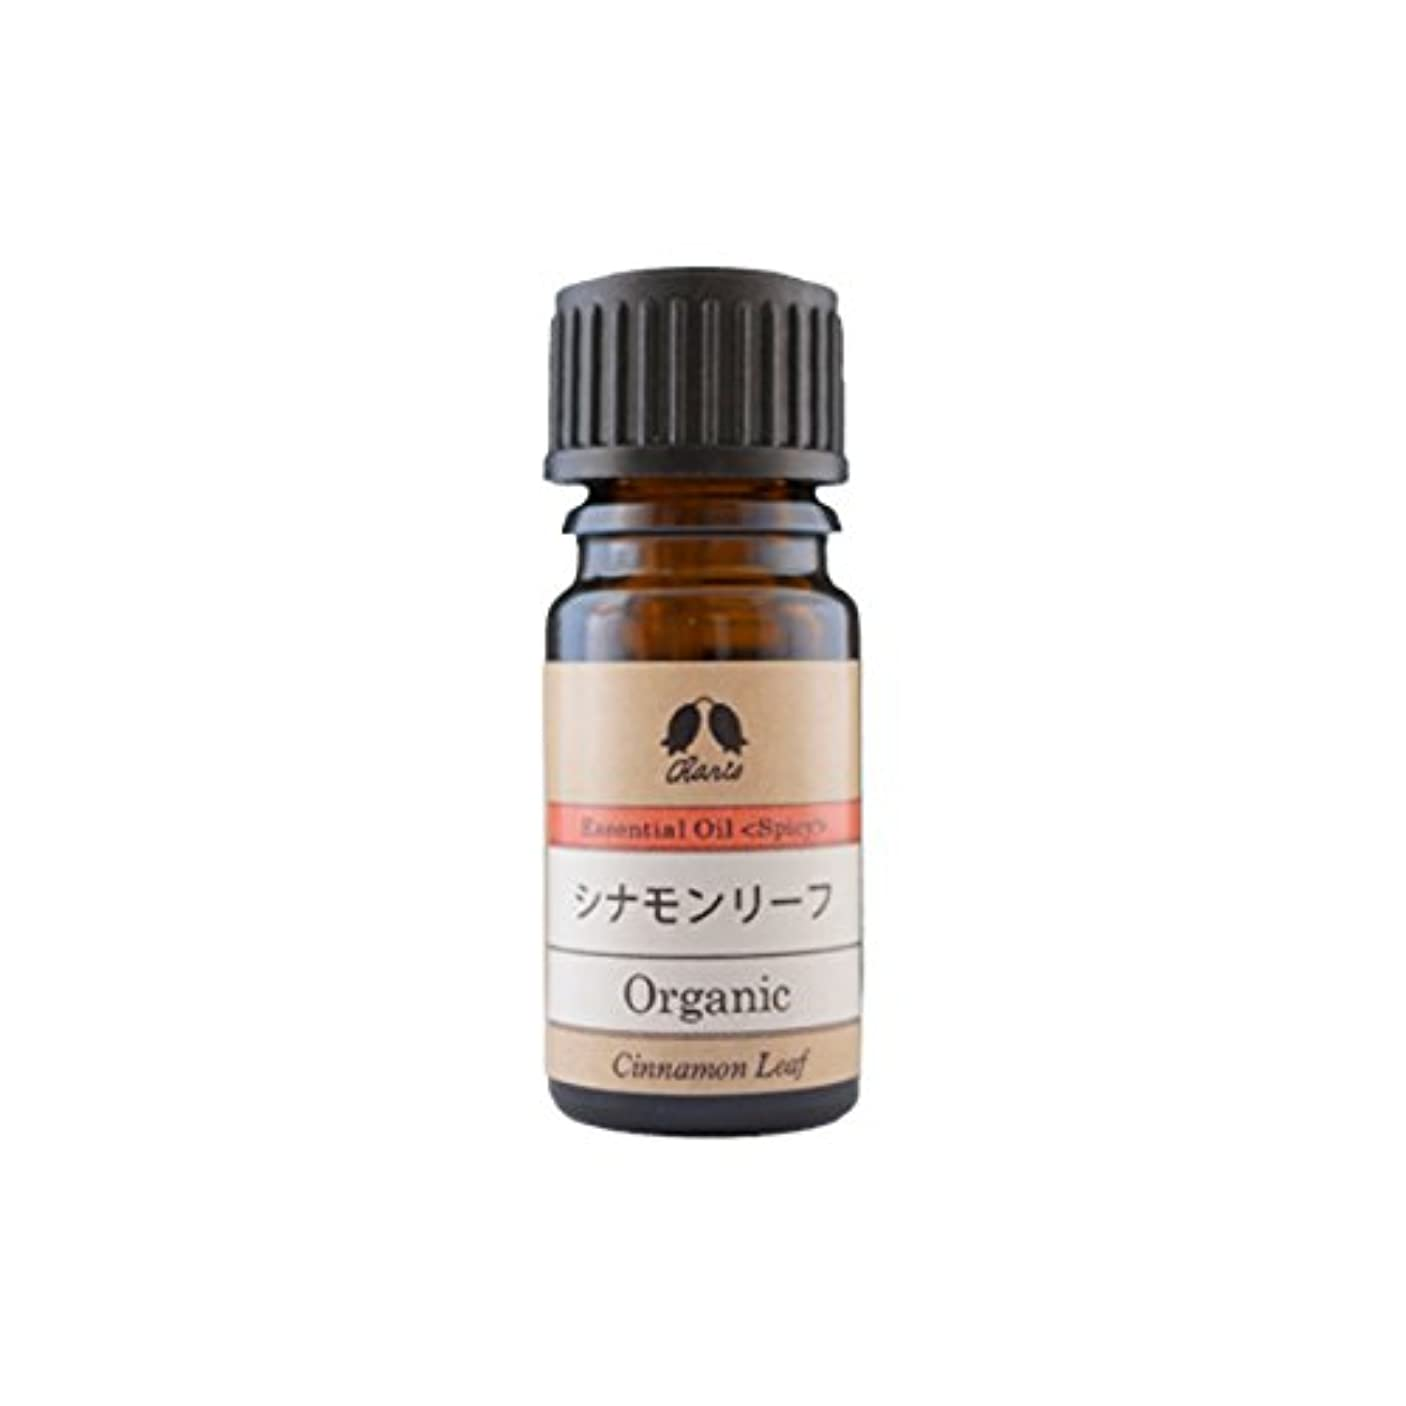 伝染性の課税ストレスカリス エッセンシャルオイル シナモンリーフ オーガニック オイル 5ml